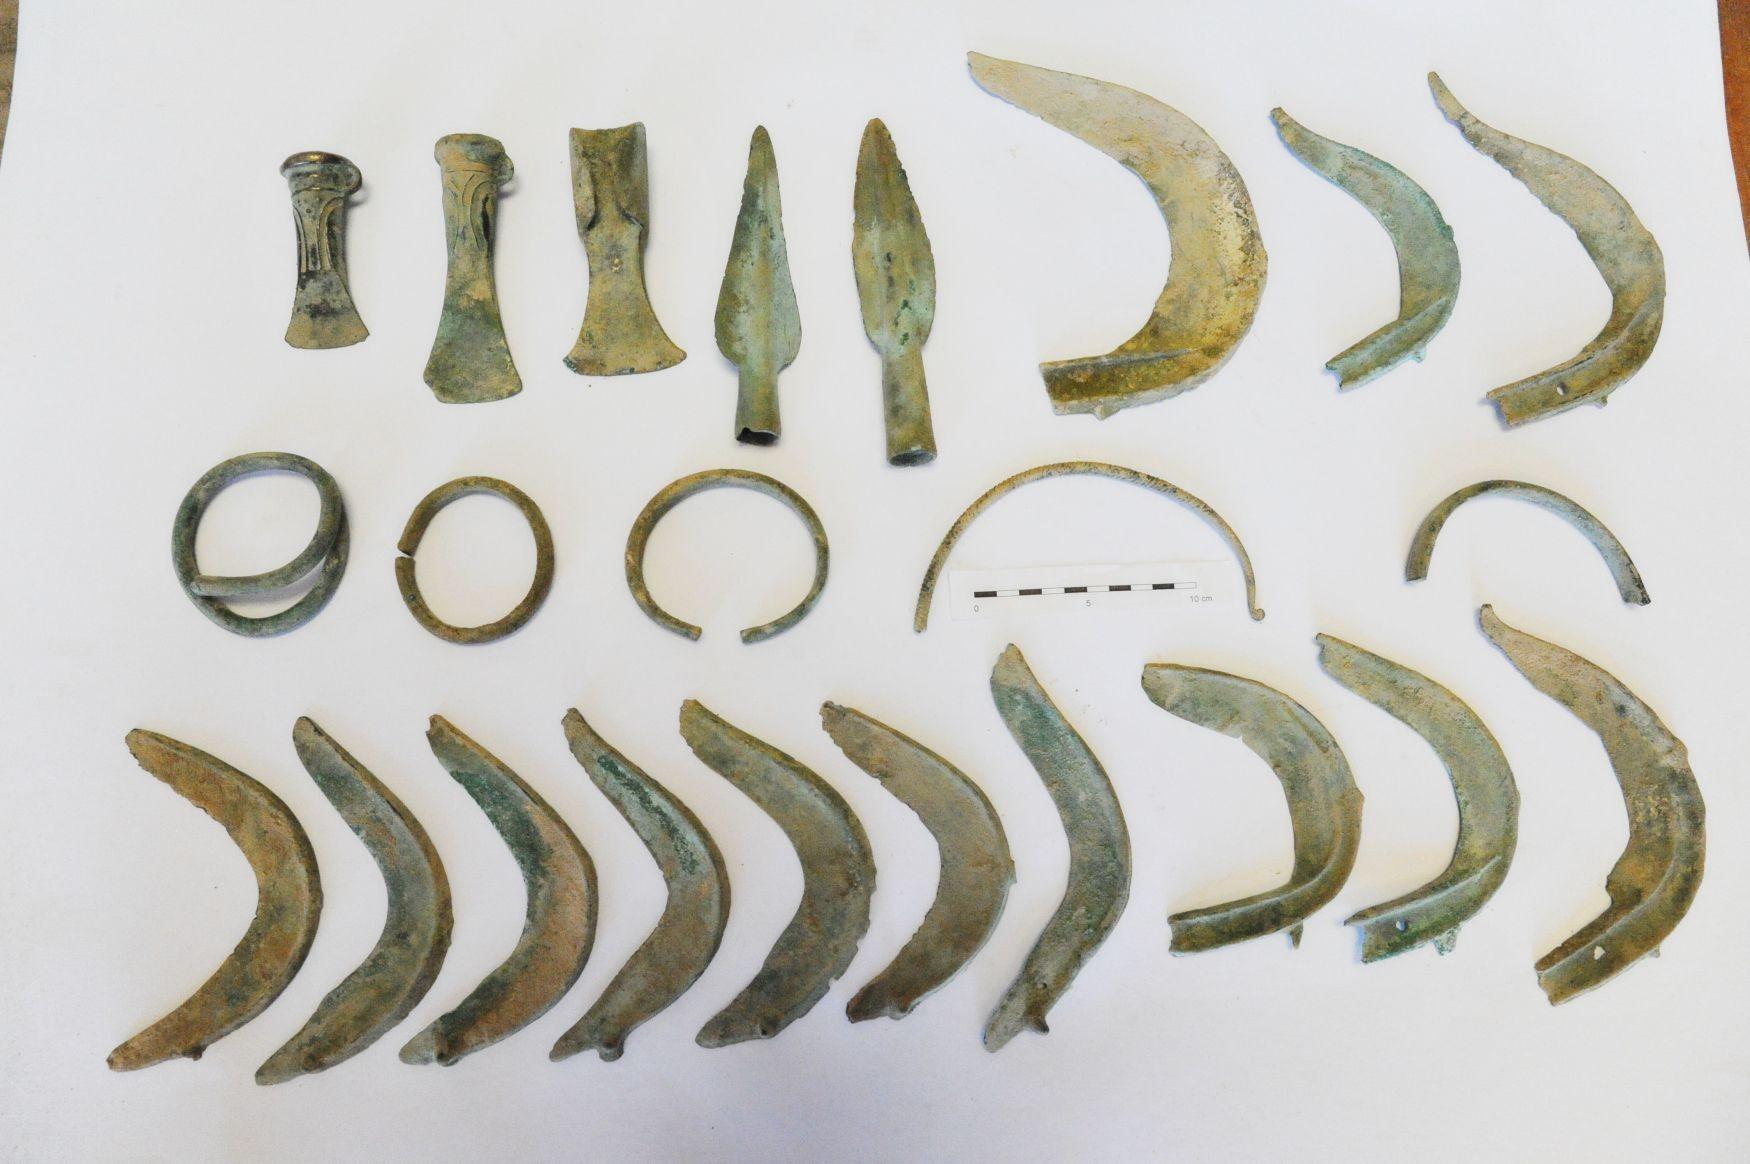 Objetos descobertos na República Tcheca pelo cachorro  (Foto: Divulgação)